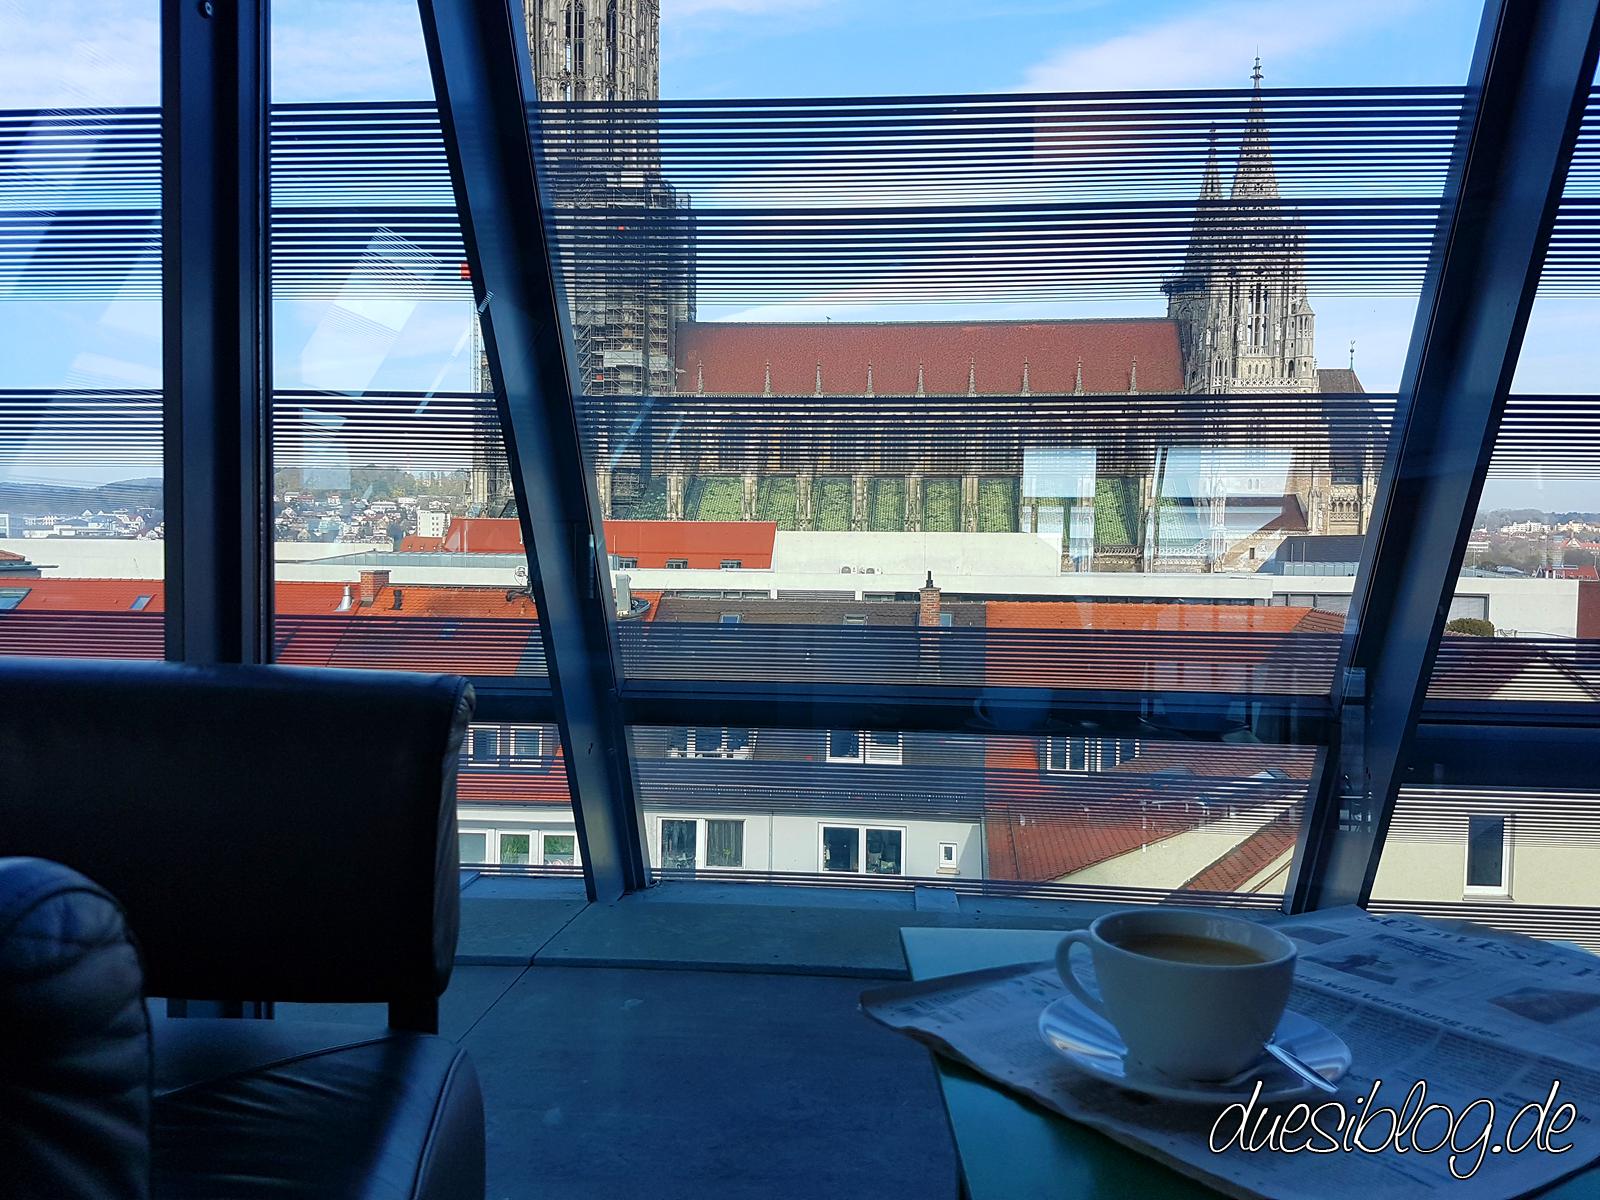 Ulm Altstadt travelblog duesiblog 35